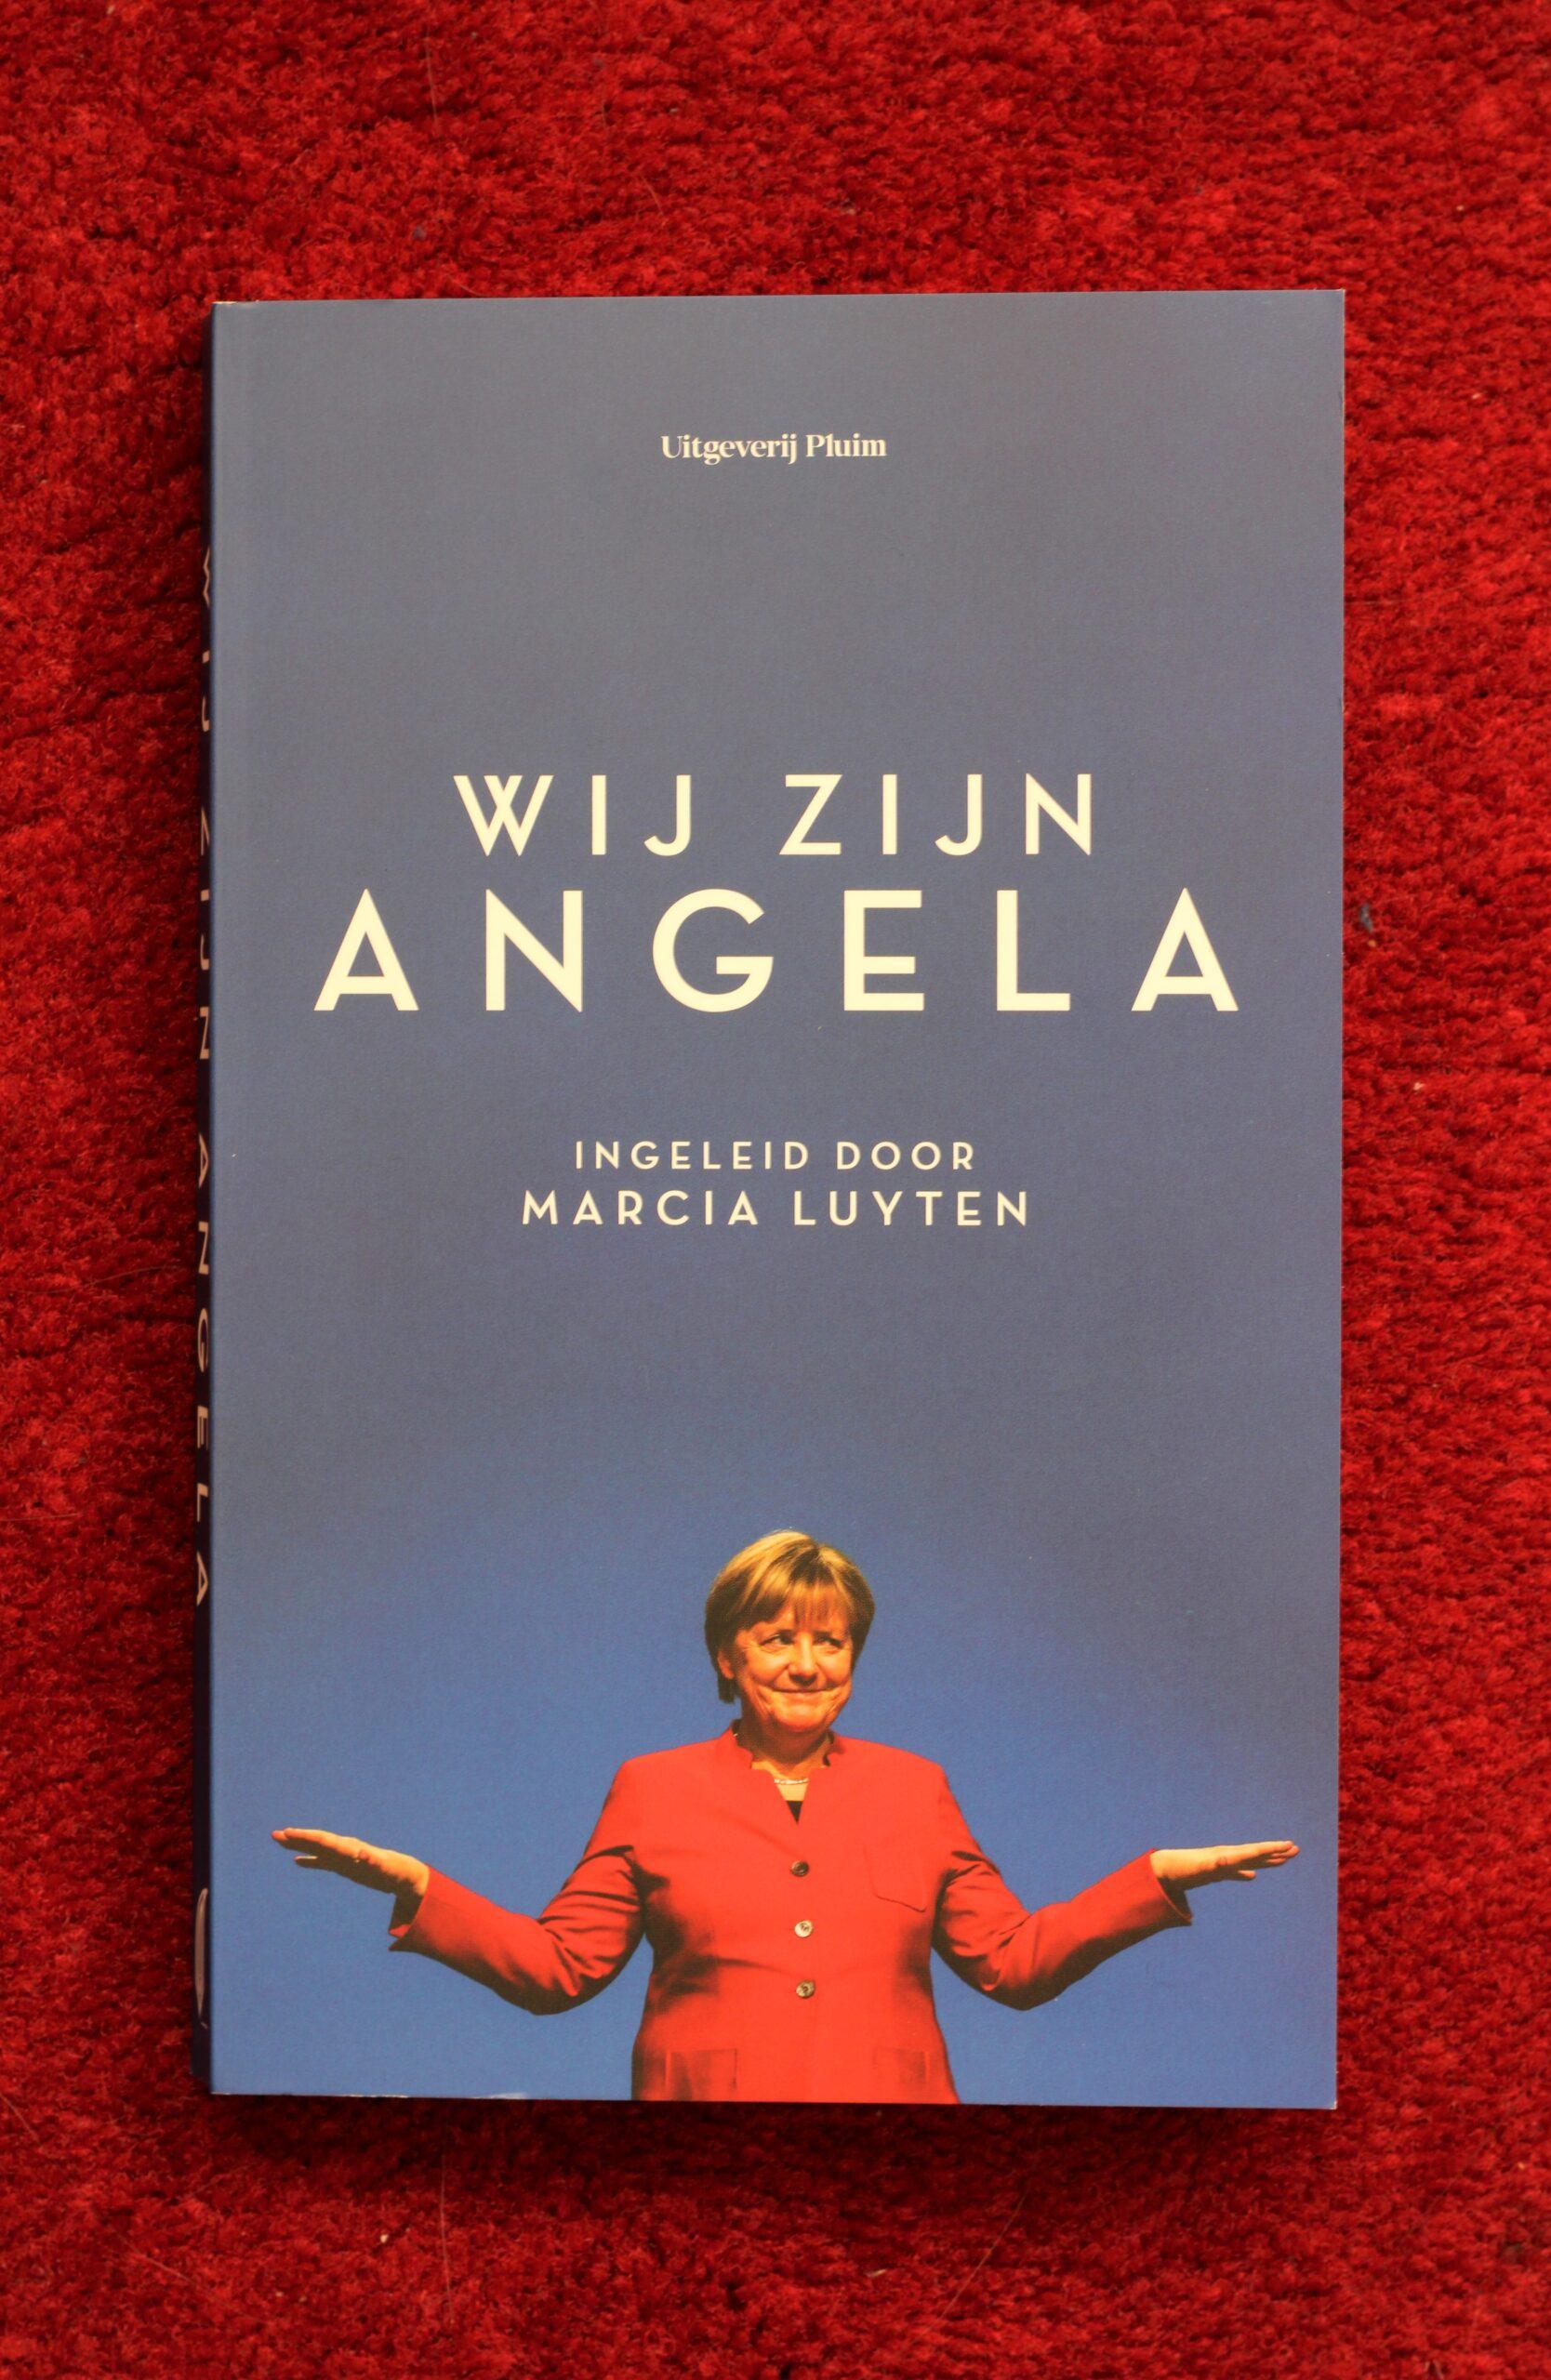 Cover van het boek 'Wij zijn Angela', waarop Angel Merkel staat afgebeeld.